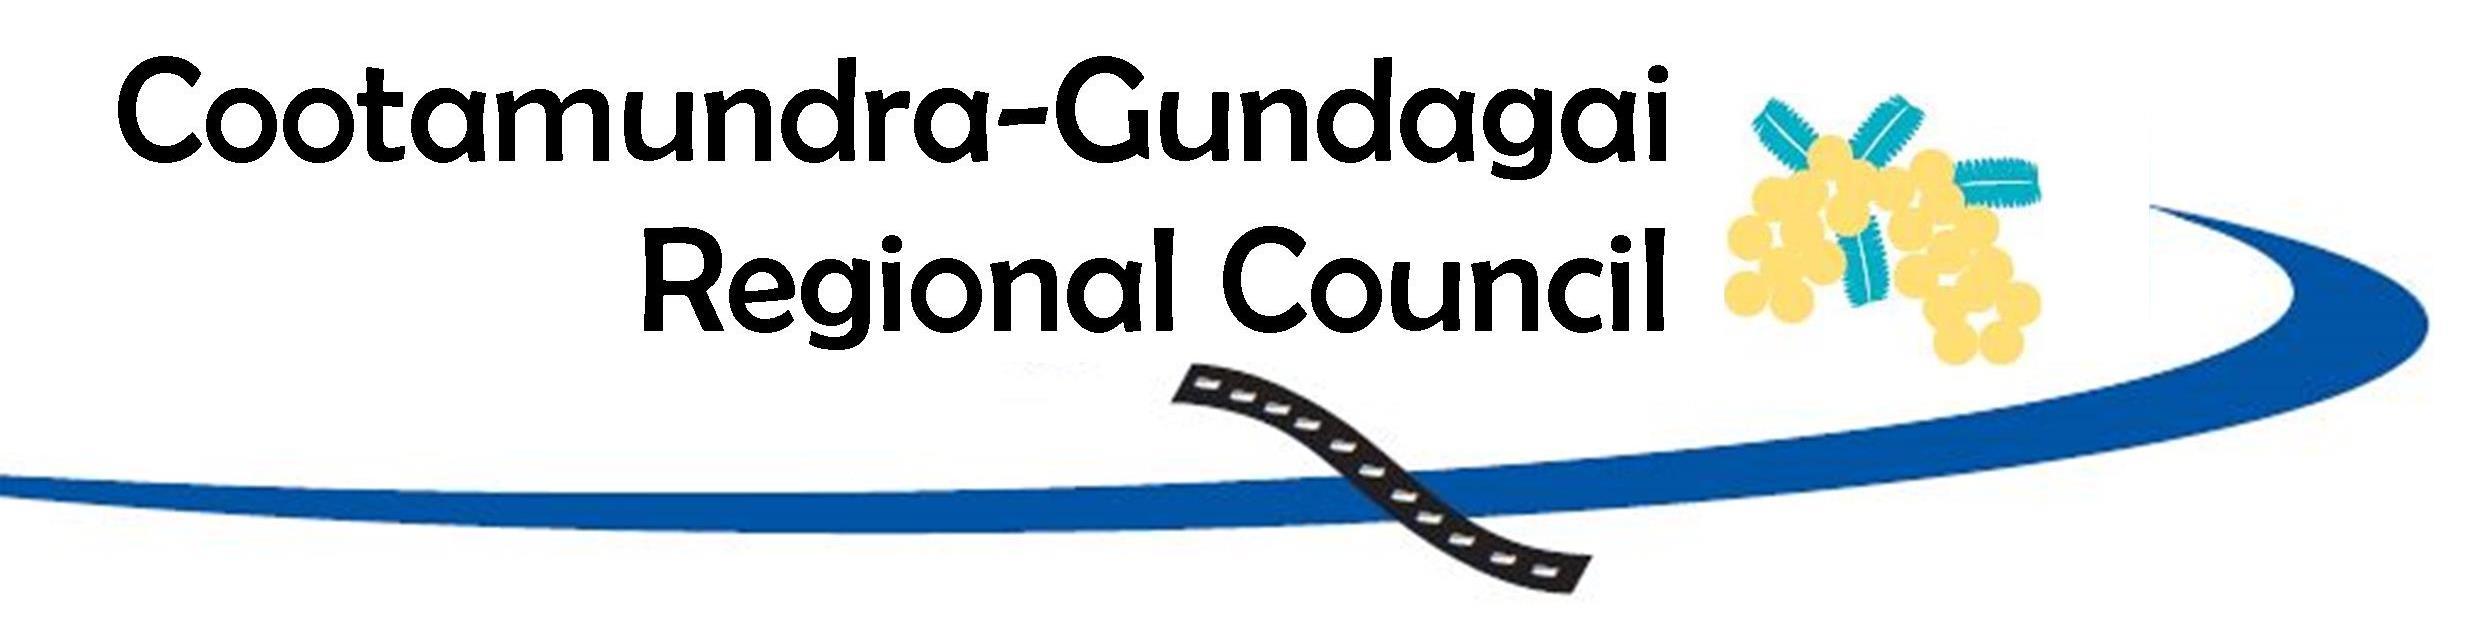 cgrc logo